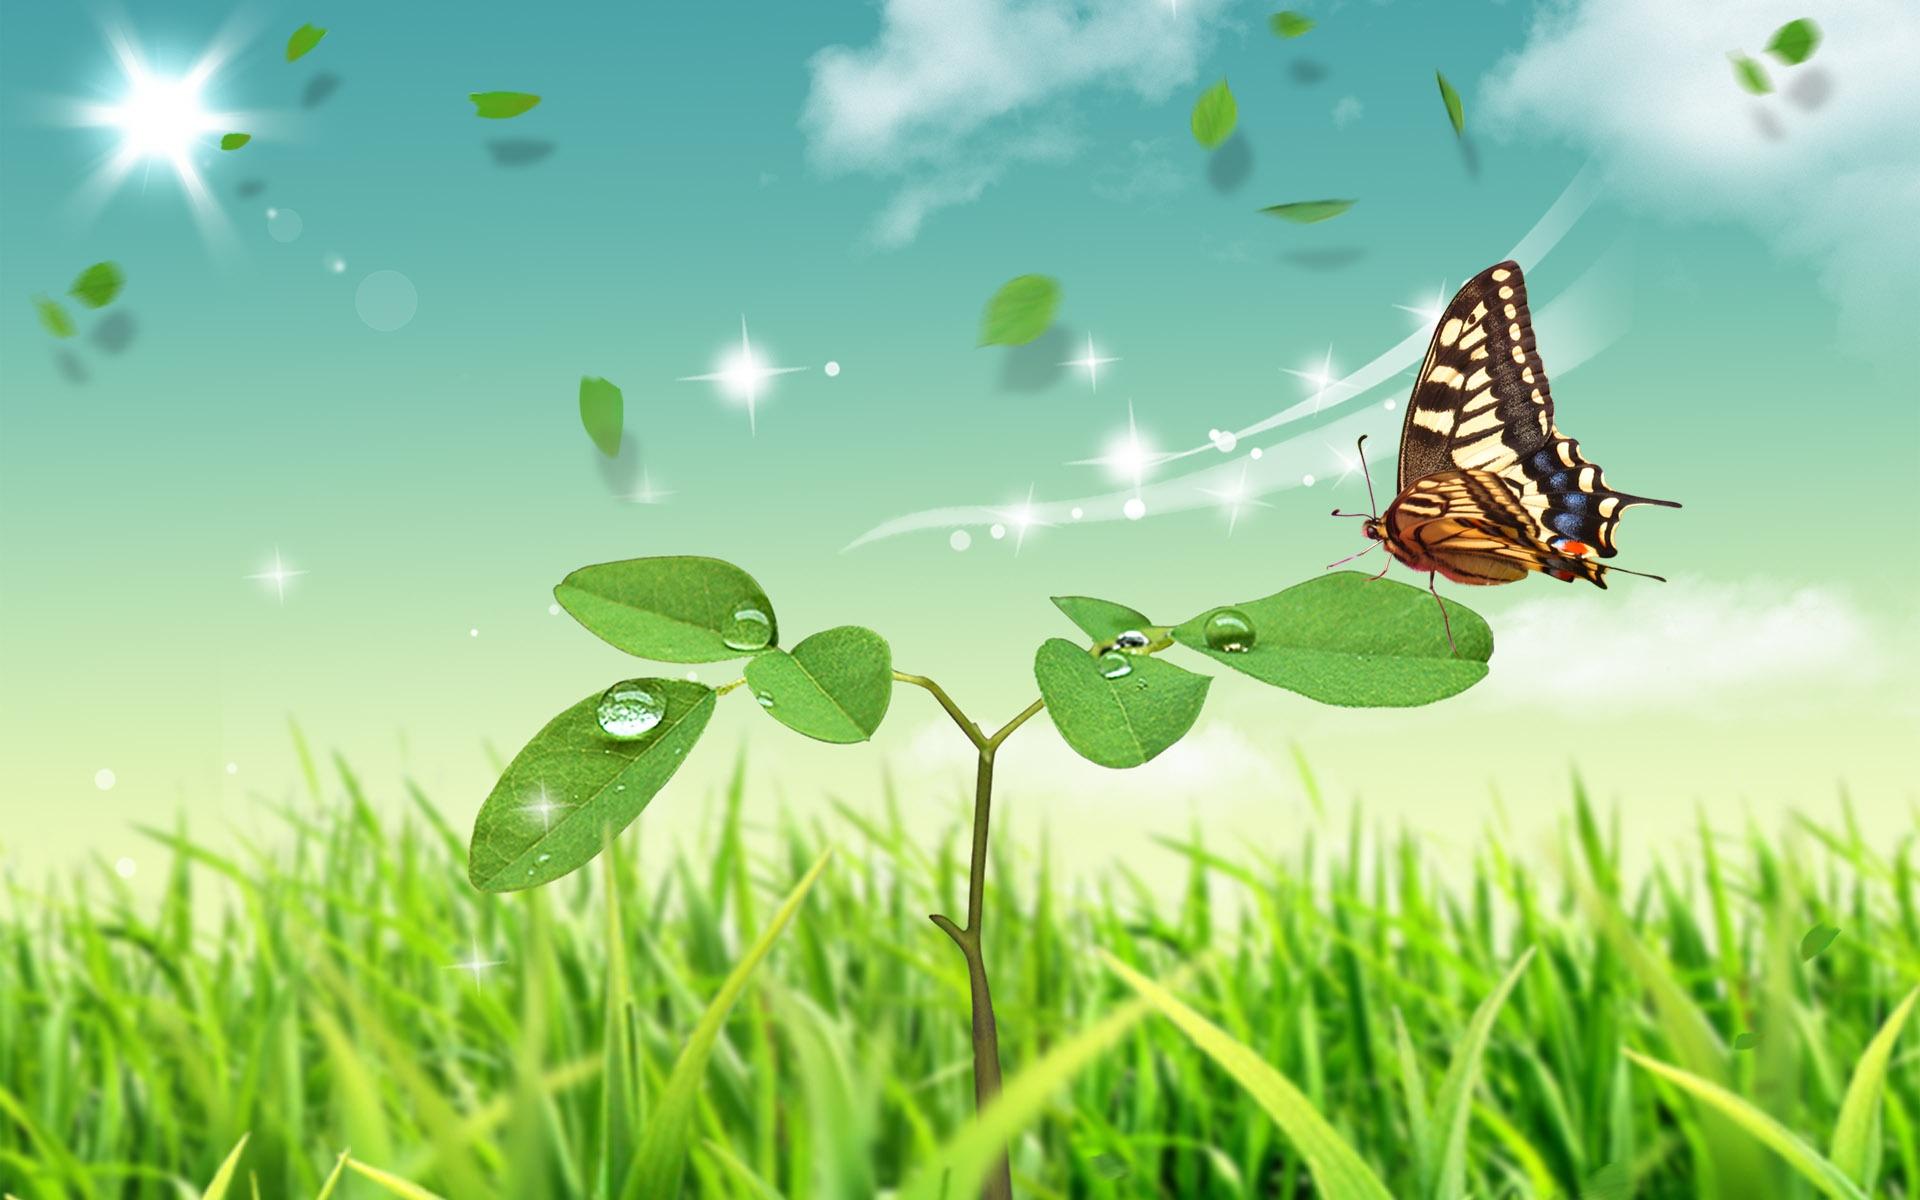 蝶舞 高清晰昆虫摄影之蝴蝶壁纸 手机移动版